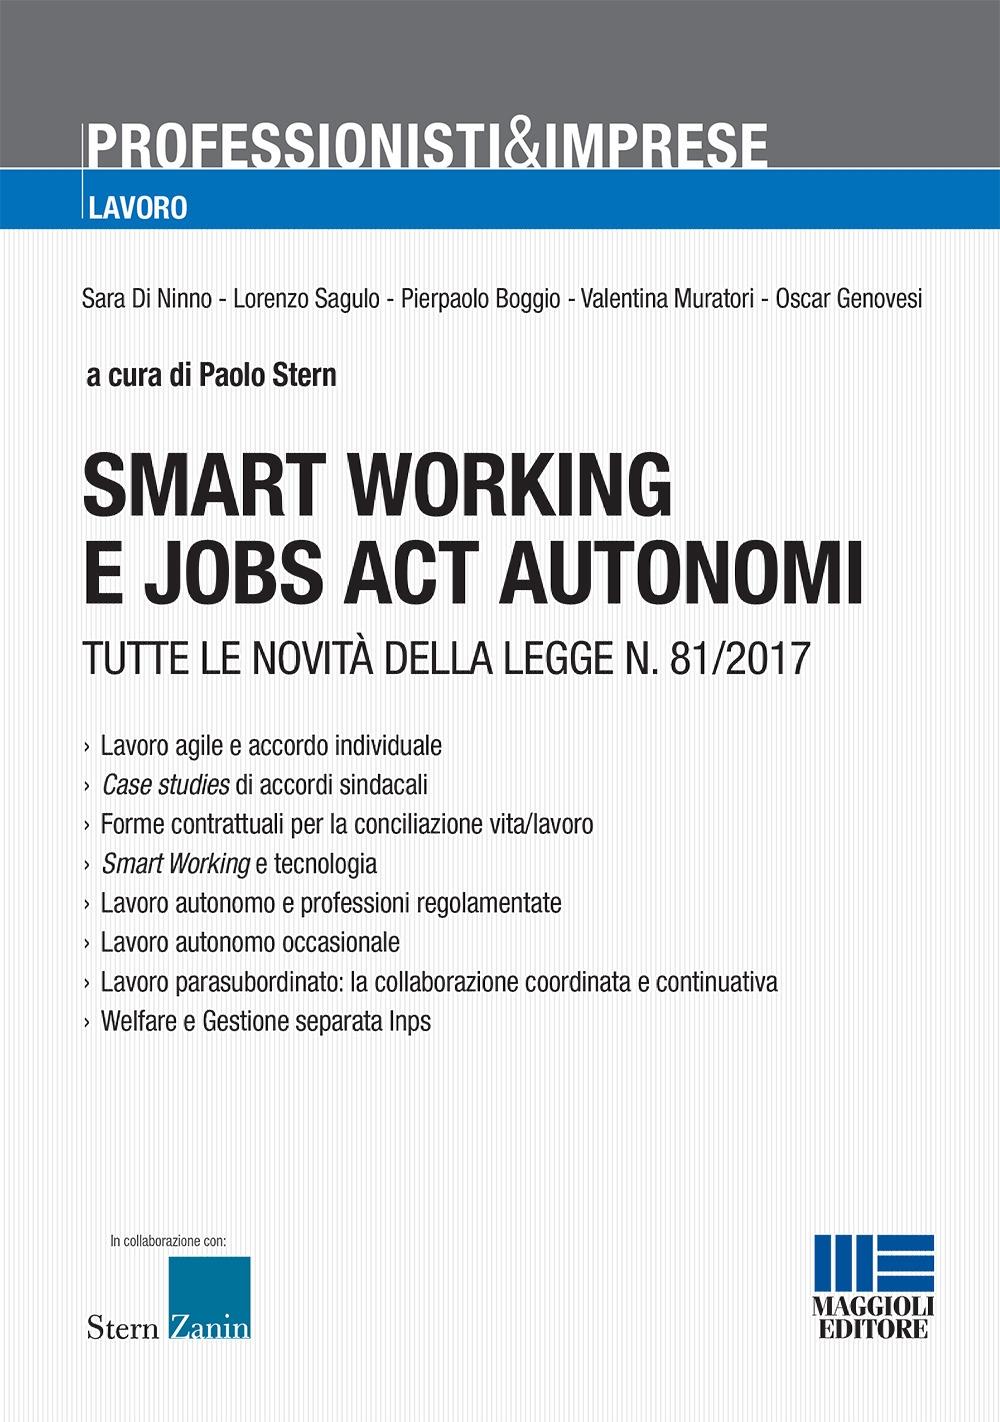 Smart working e jobs act autonomi. Tutte le novità della legge n. 81/2017.